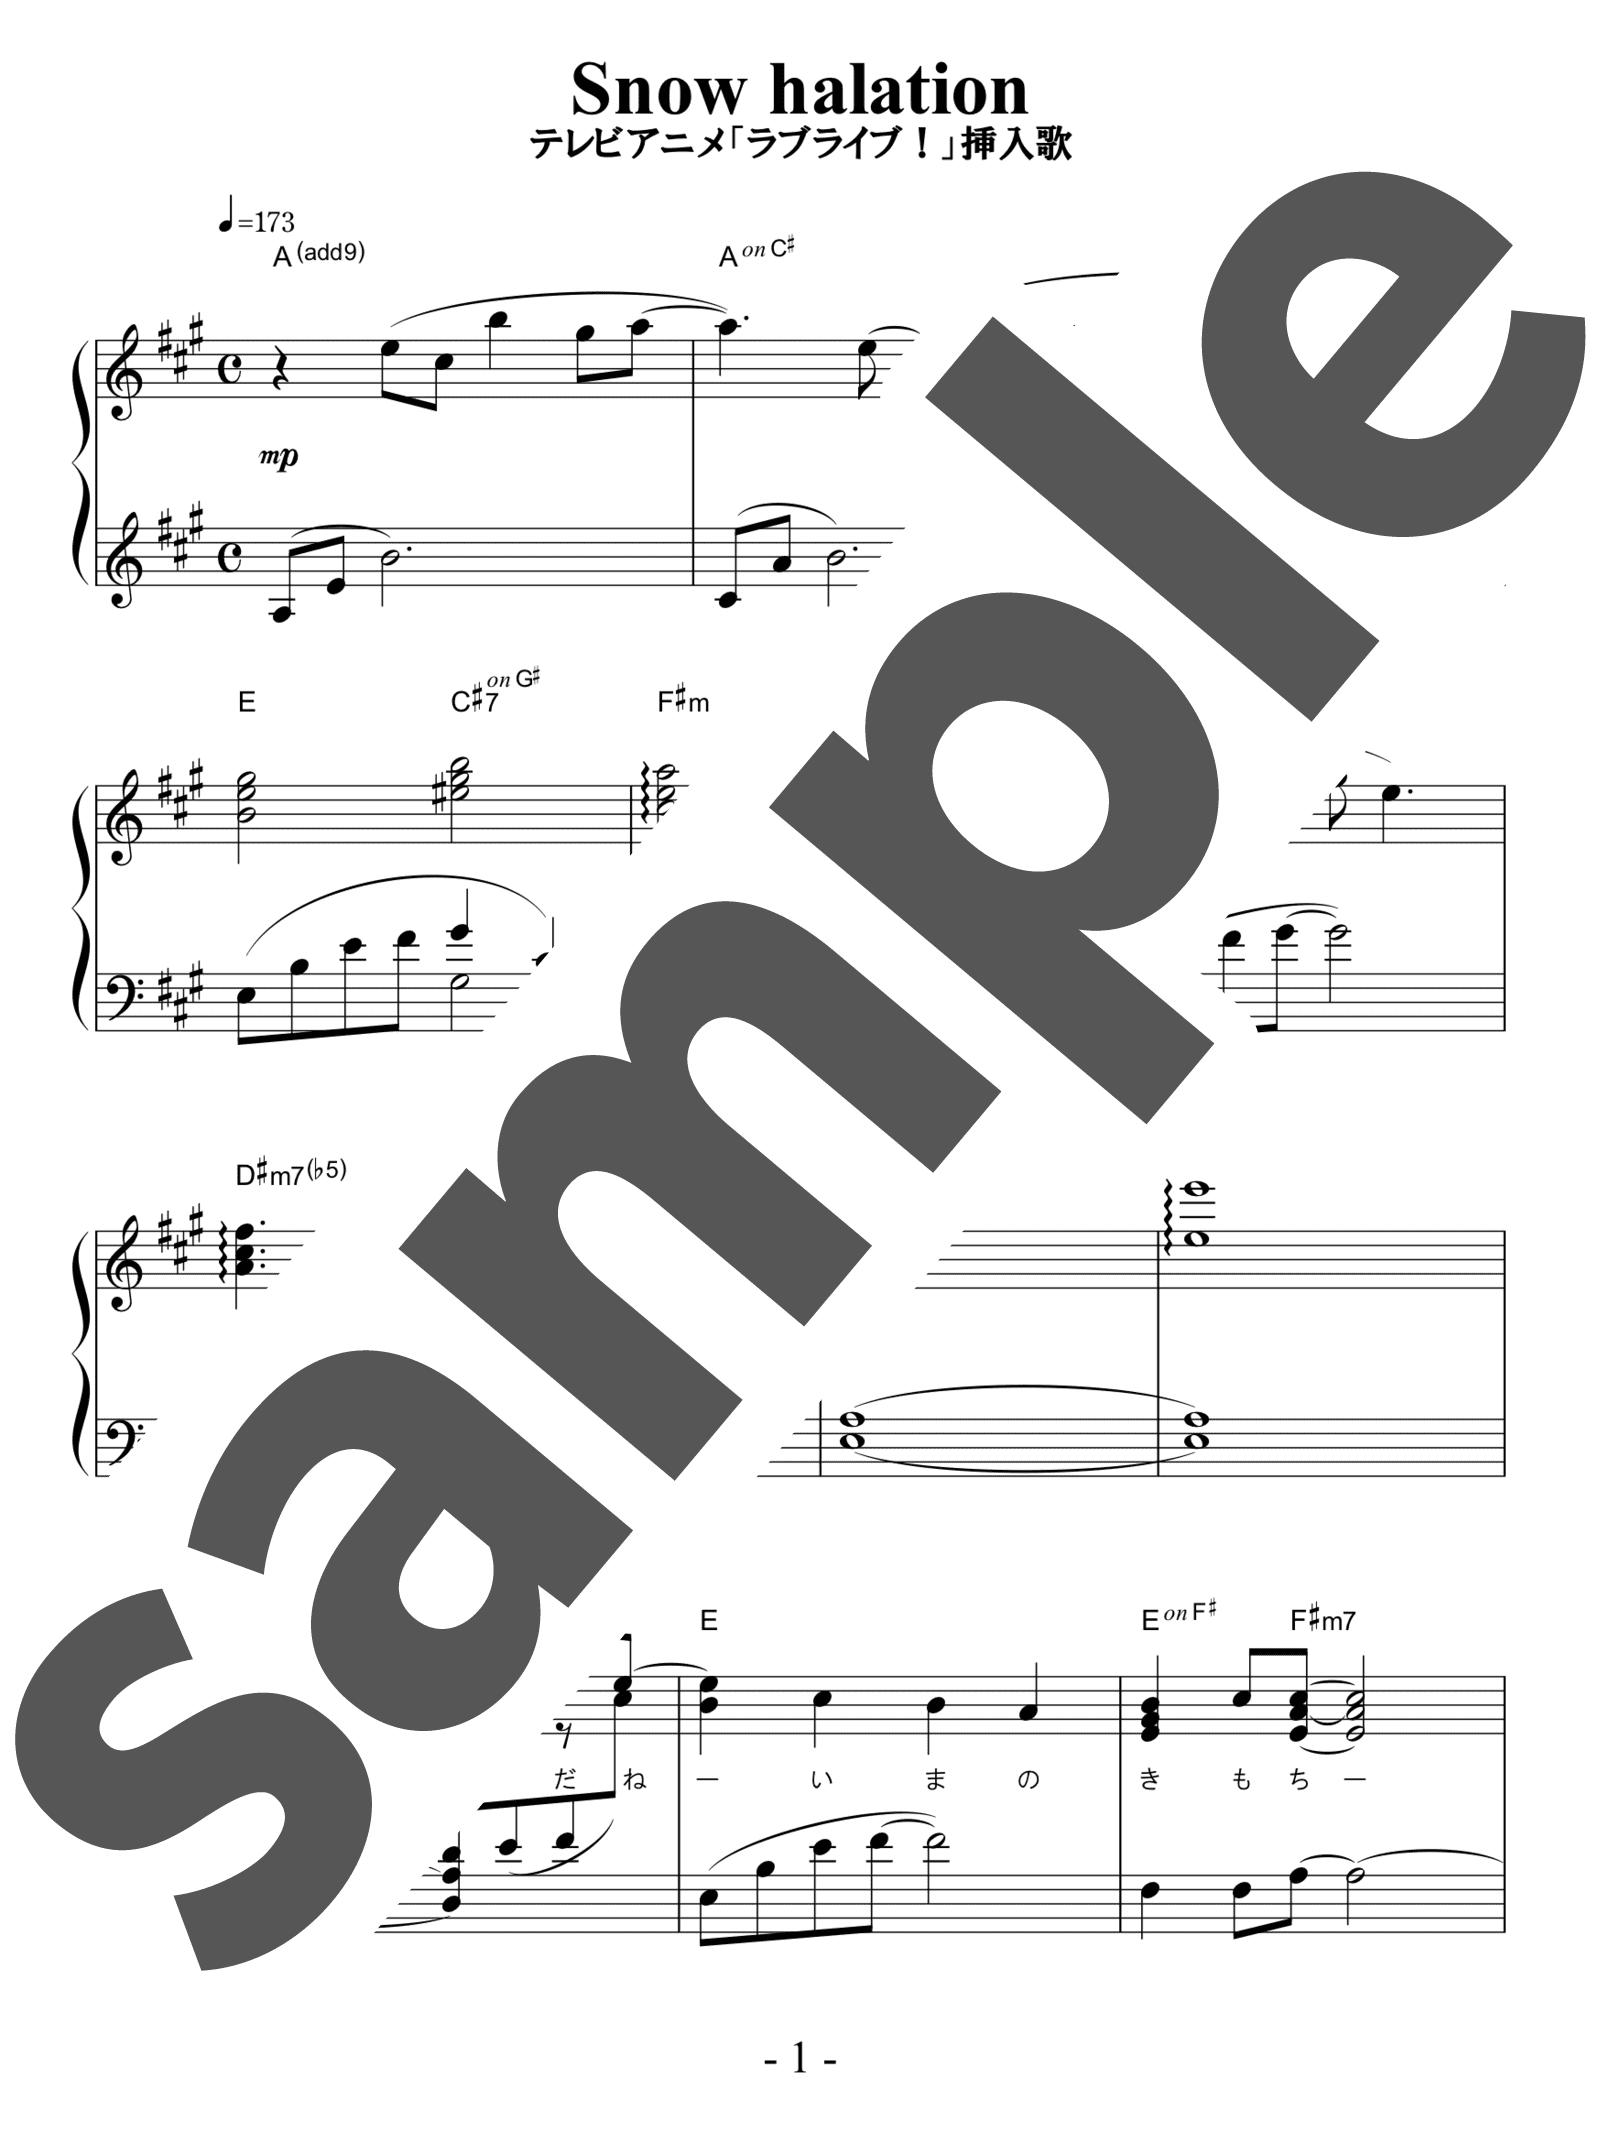 「Snow halation」のサンプル楽譜